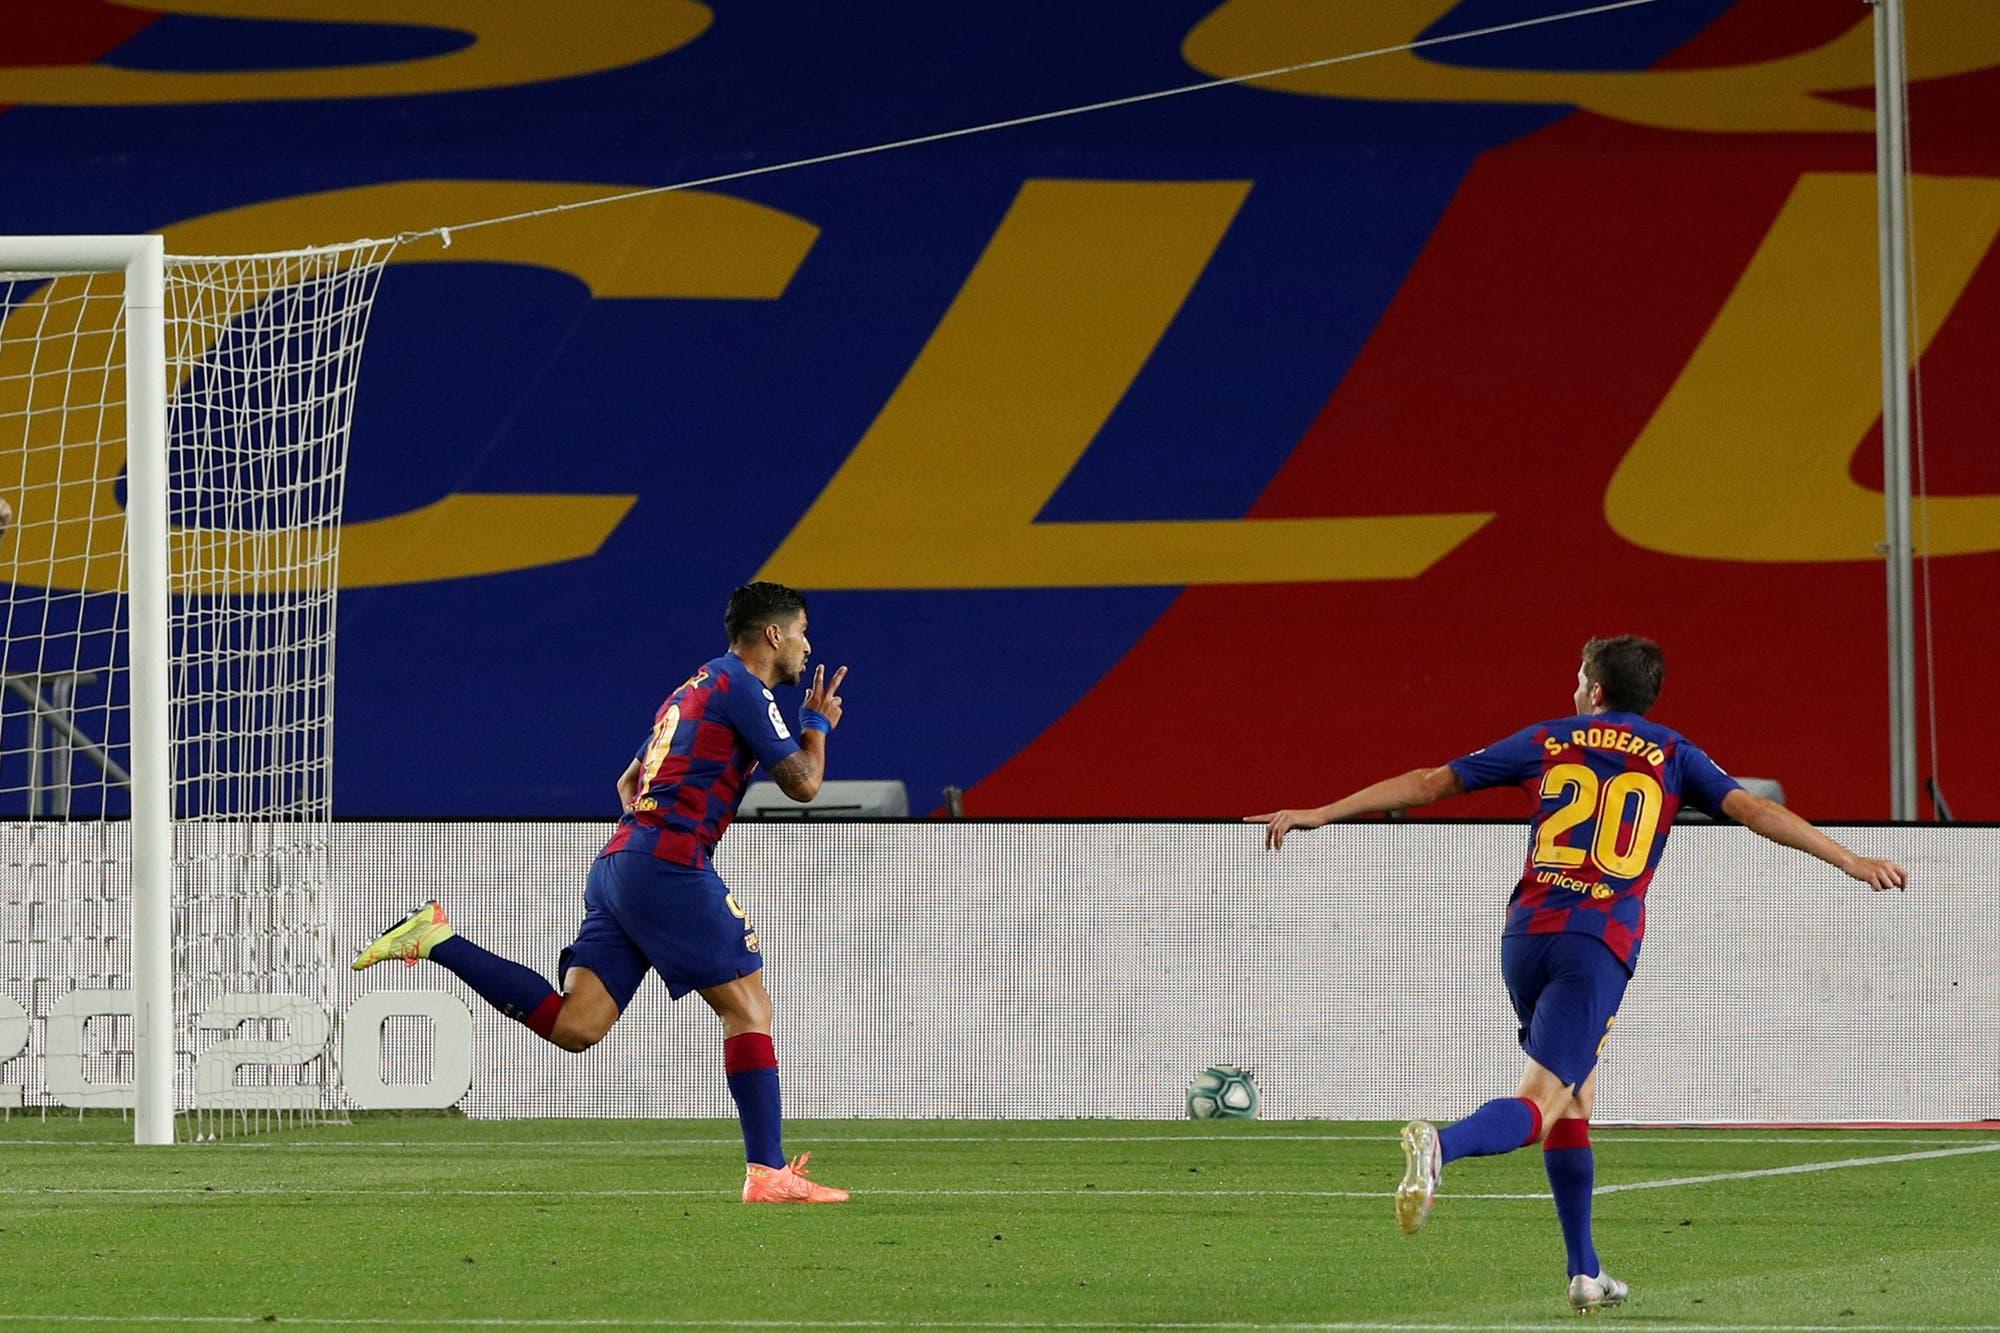 Liga de España: Barcelona ganó 1-0, persigue a Real Madrid y mandó al descenso a Espanyol, su rival catalán